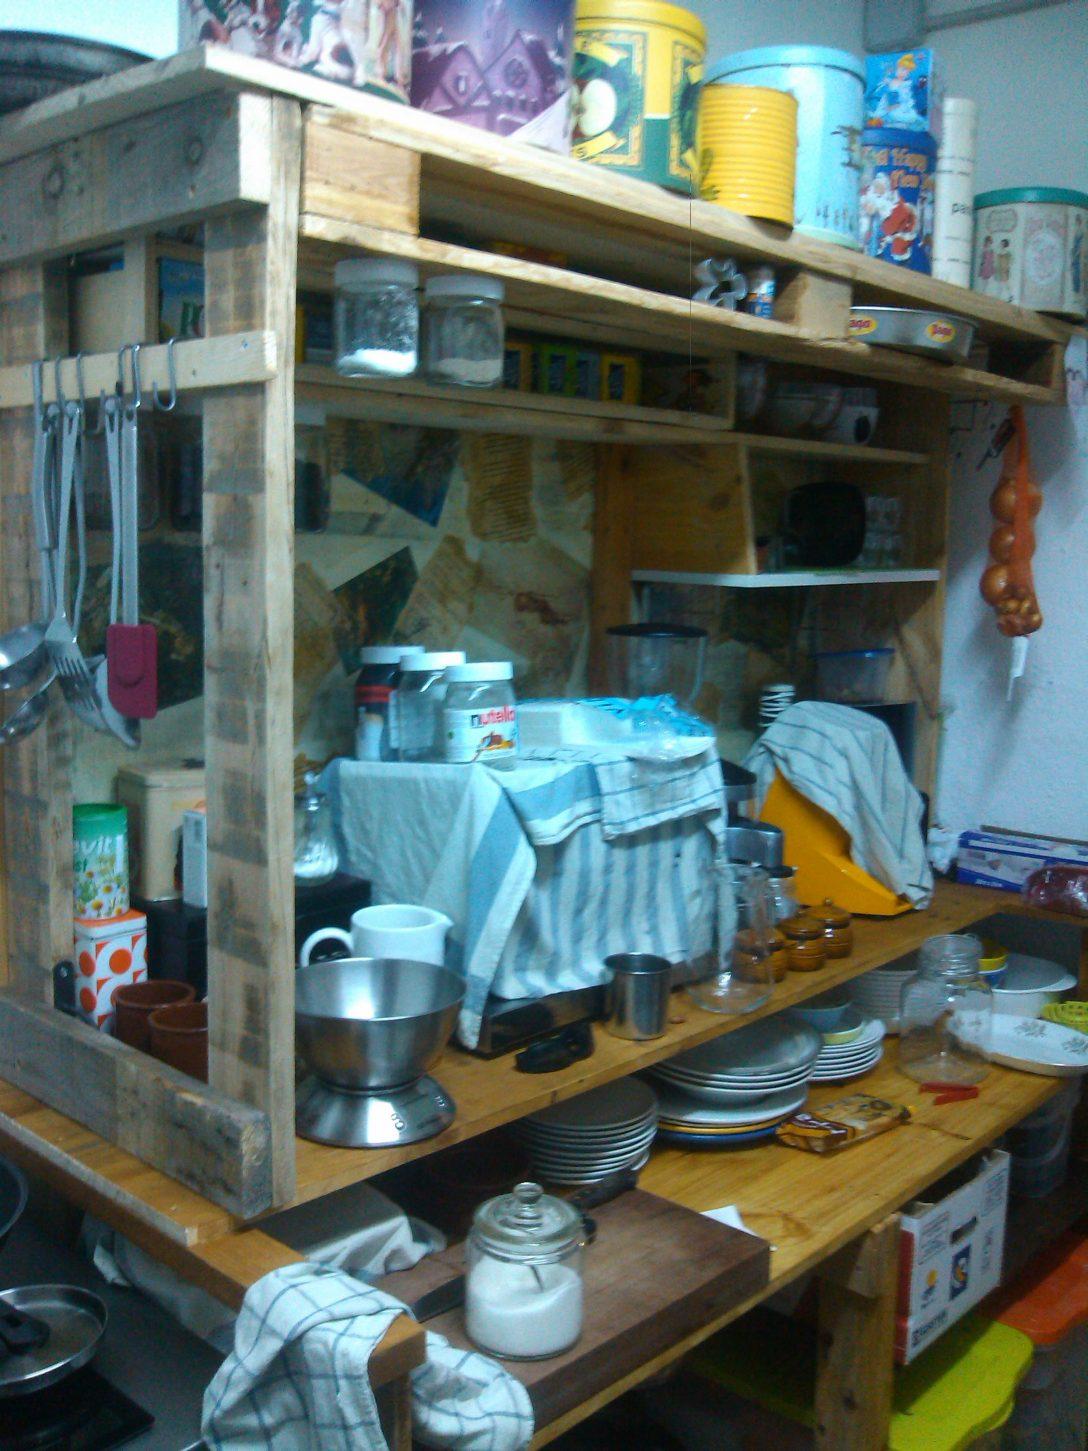 Large Size of Paletten Küche Kchenmbel Aus So Bauen Sie Selber Unterschrank Hängeschrank Glastüren Modulküche Ikea Was Kostet Eine Neue Ausstellungsküche Ohne Wohnzimmer Paletten Küche